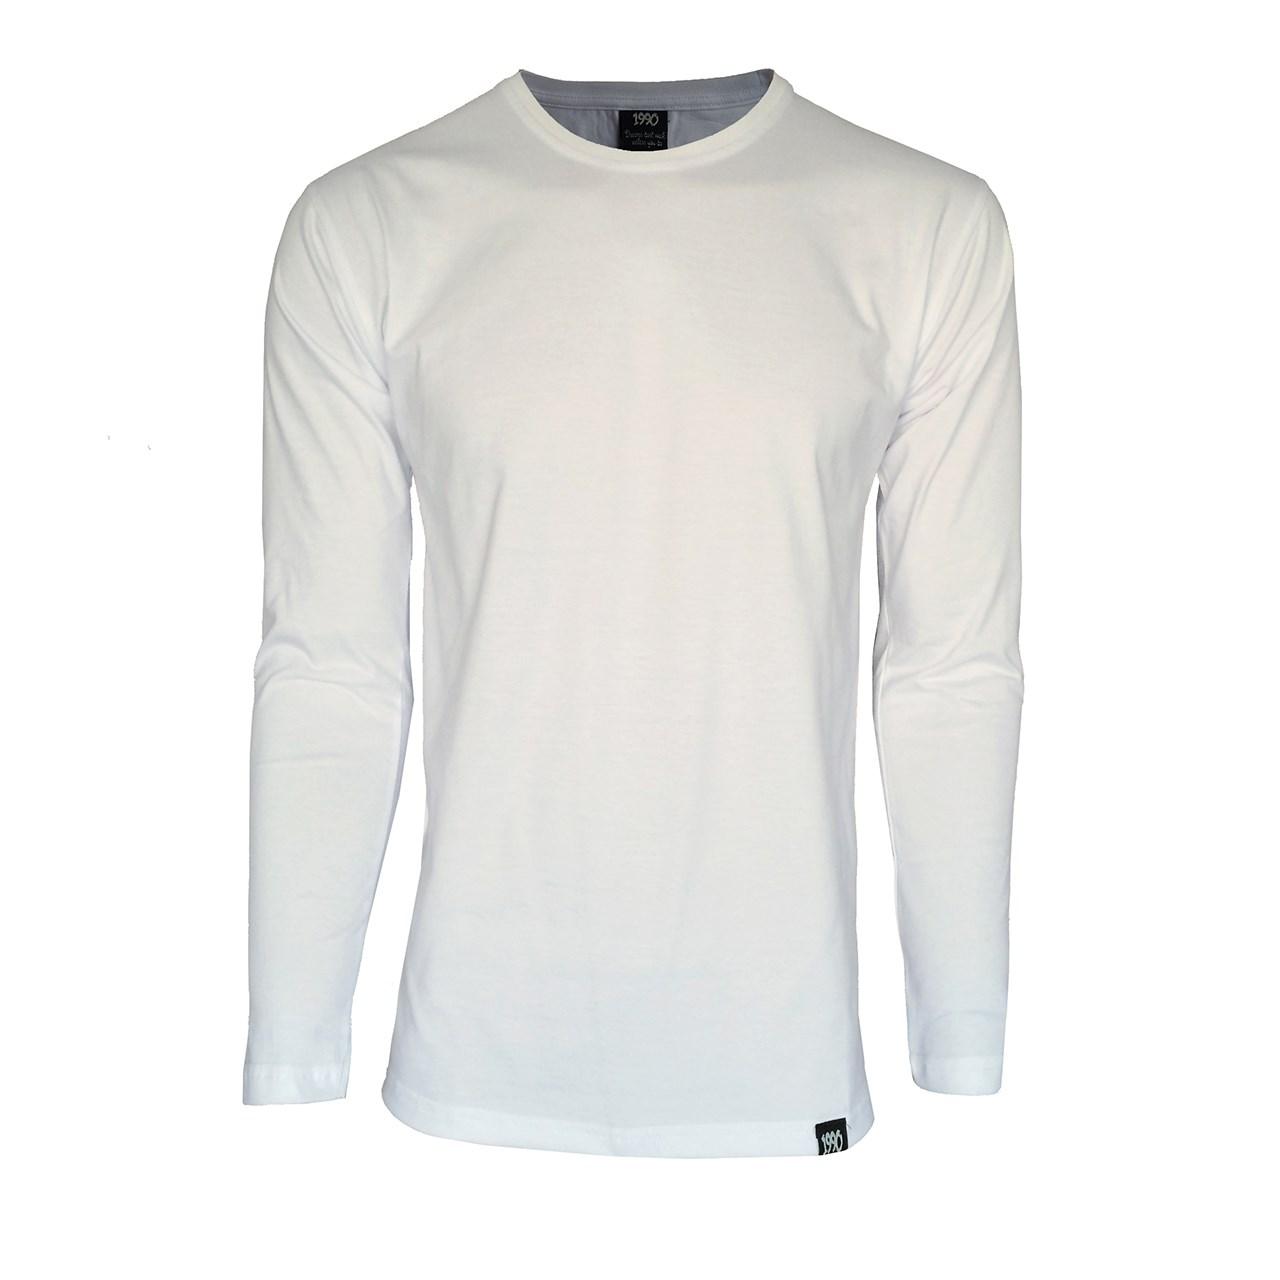 قیمت تی شرت آستین بلند مردانه 1991 اس دبلیو مدل 001 White